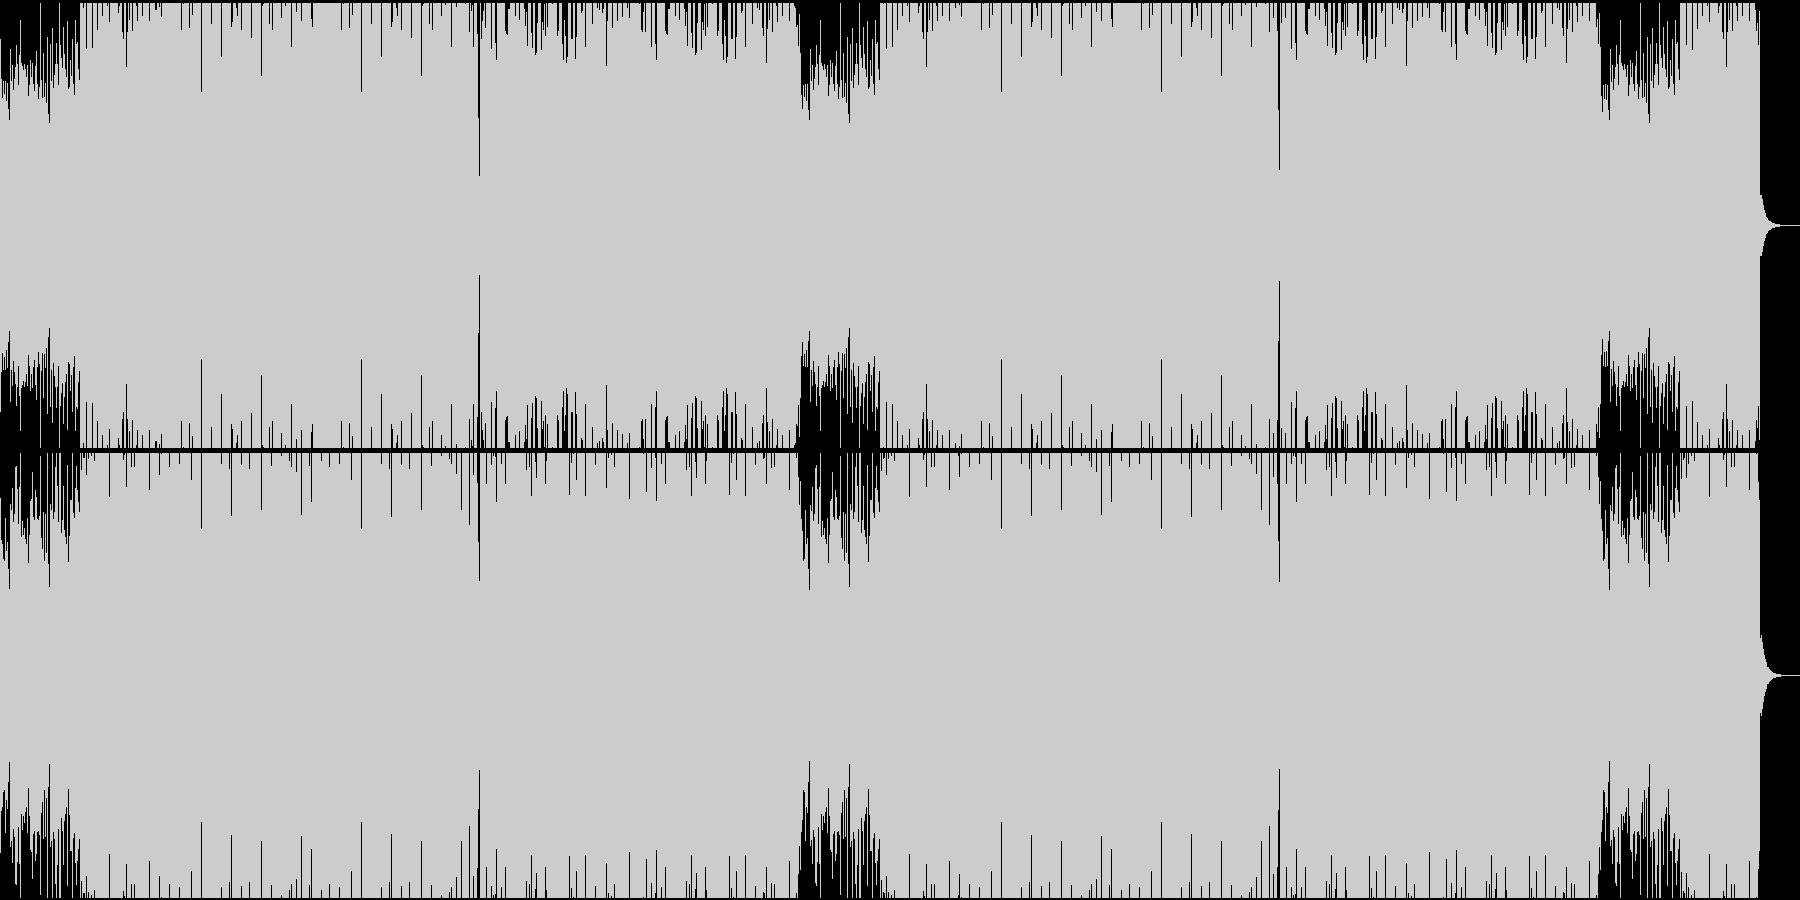 ジャズっぽいブラジリアンサウンドの未再生の波形